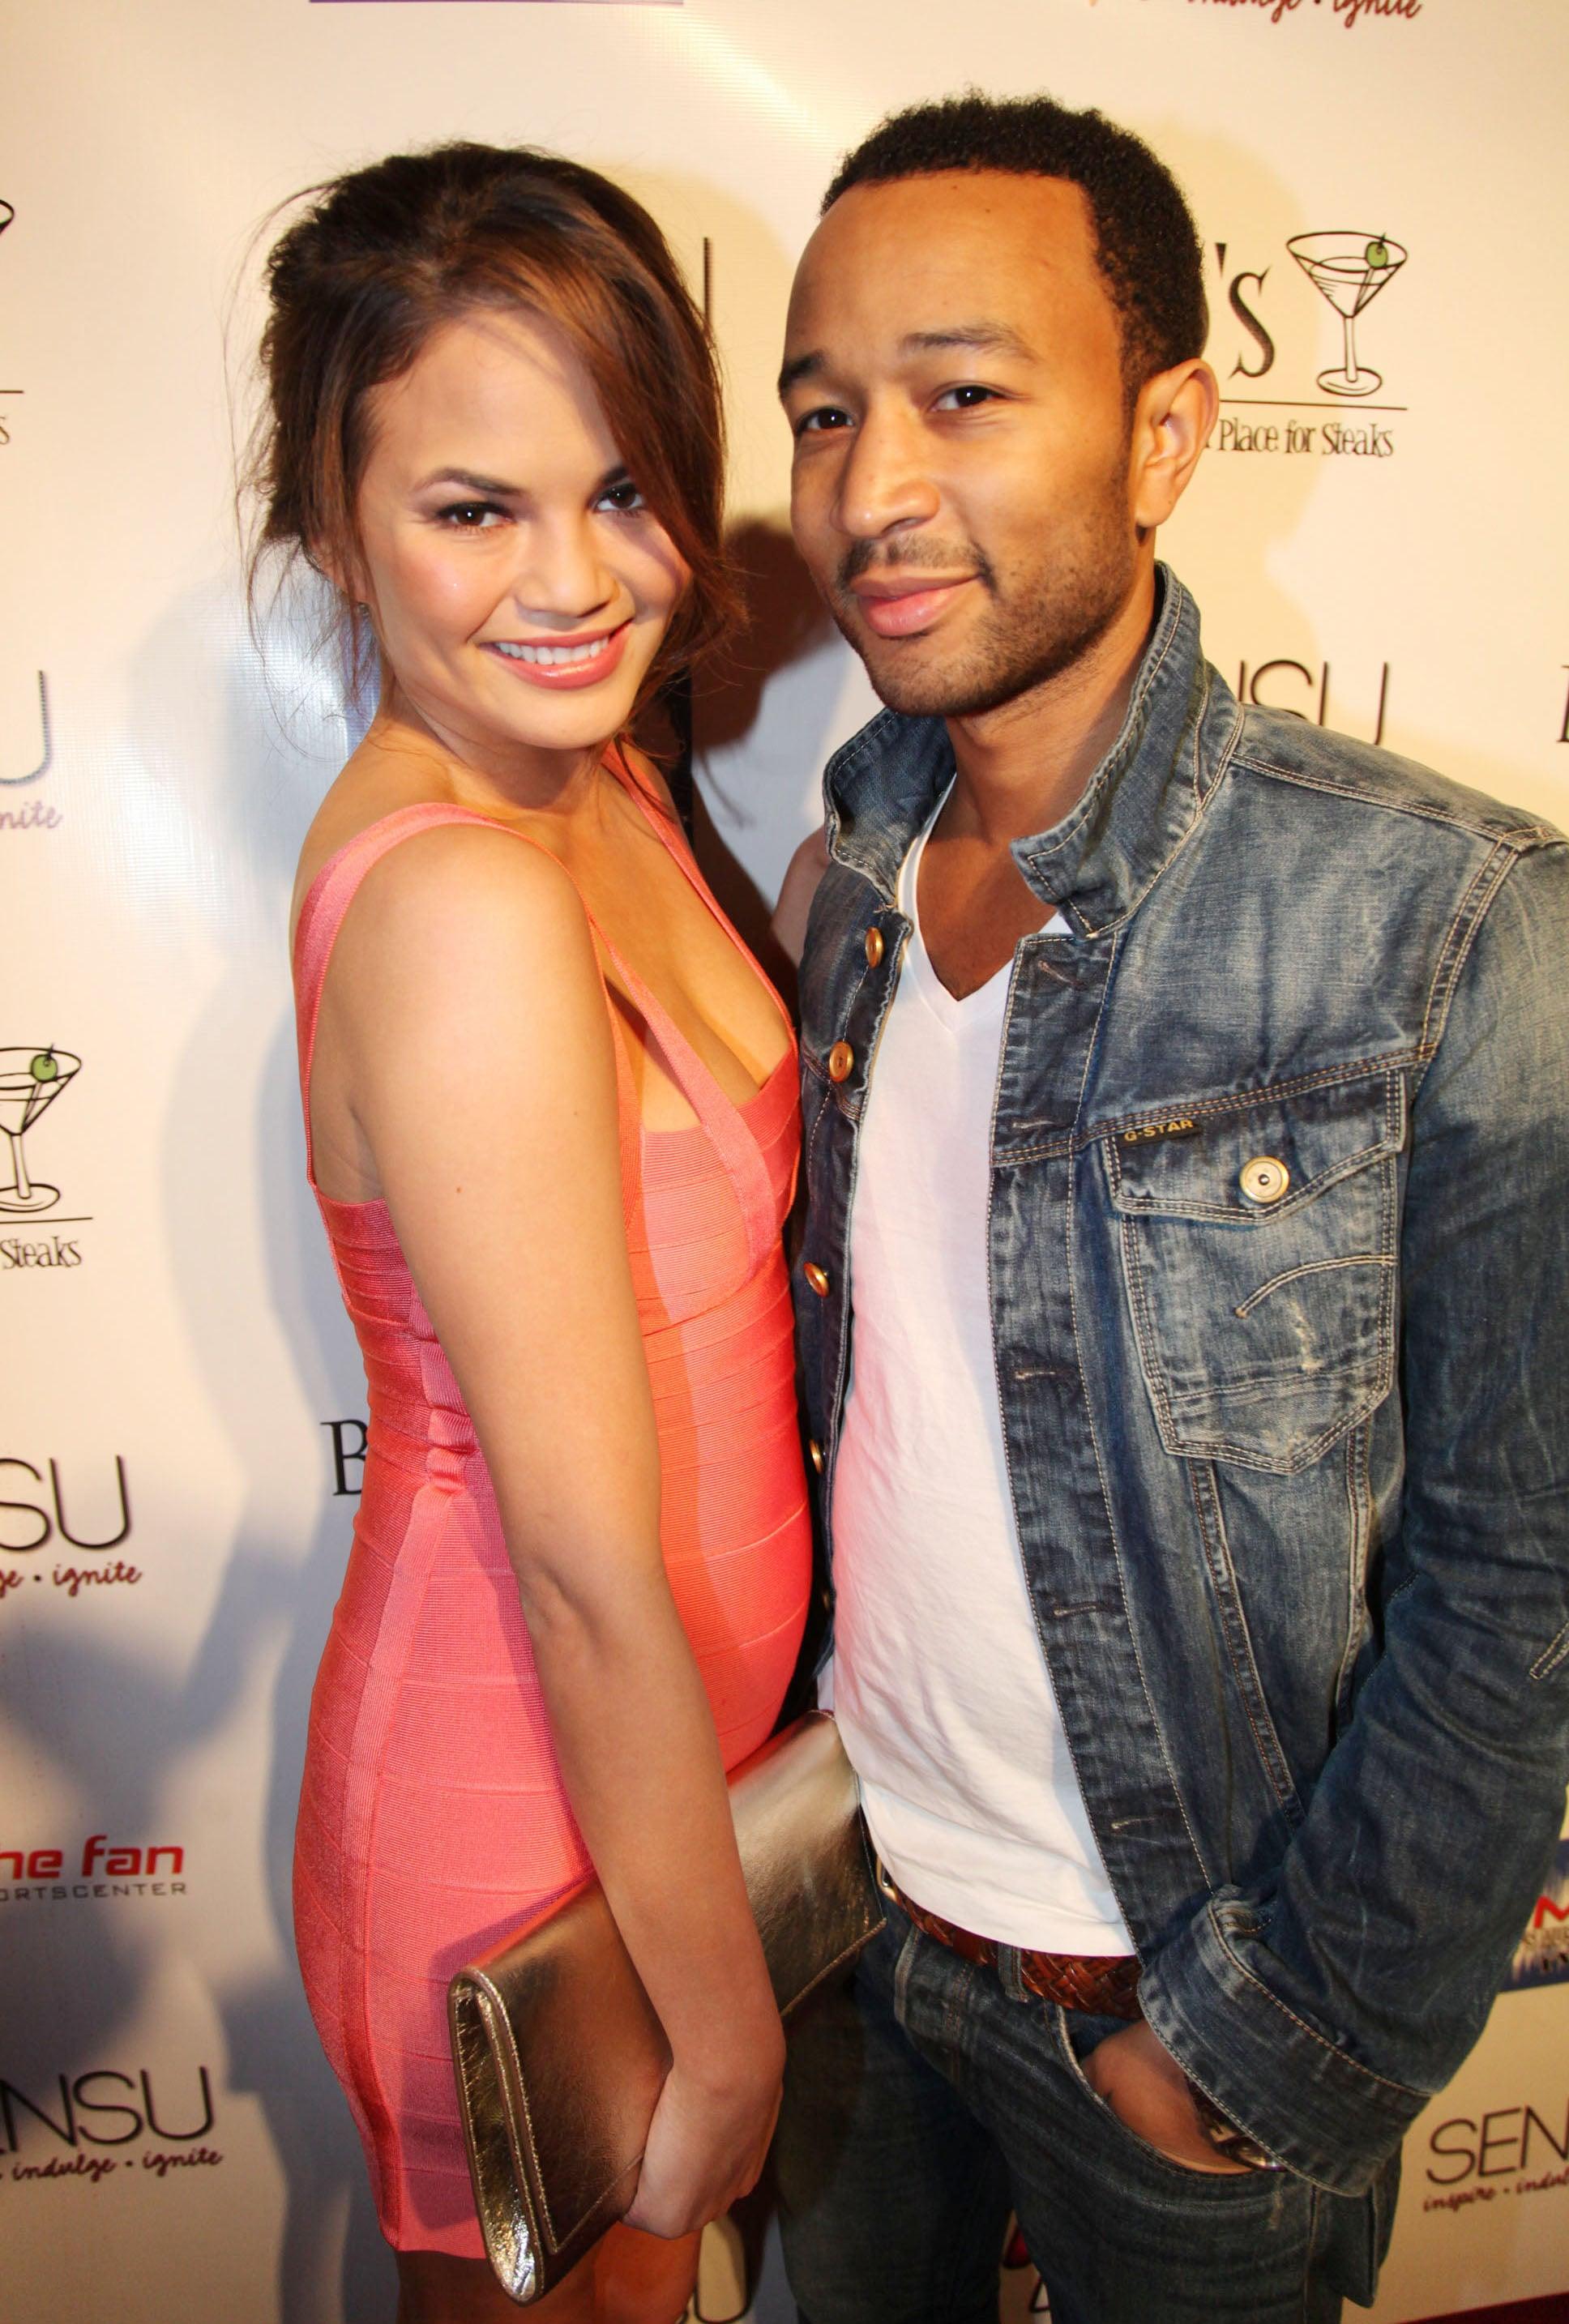 Chrissy Teigen and John Legend attended Celebration Sunday at Sensu during Super Bowl weekend 2012.